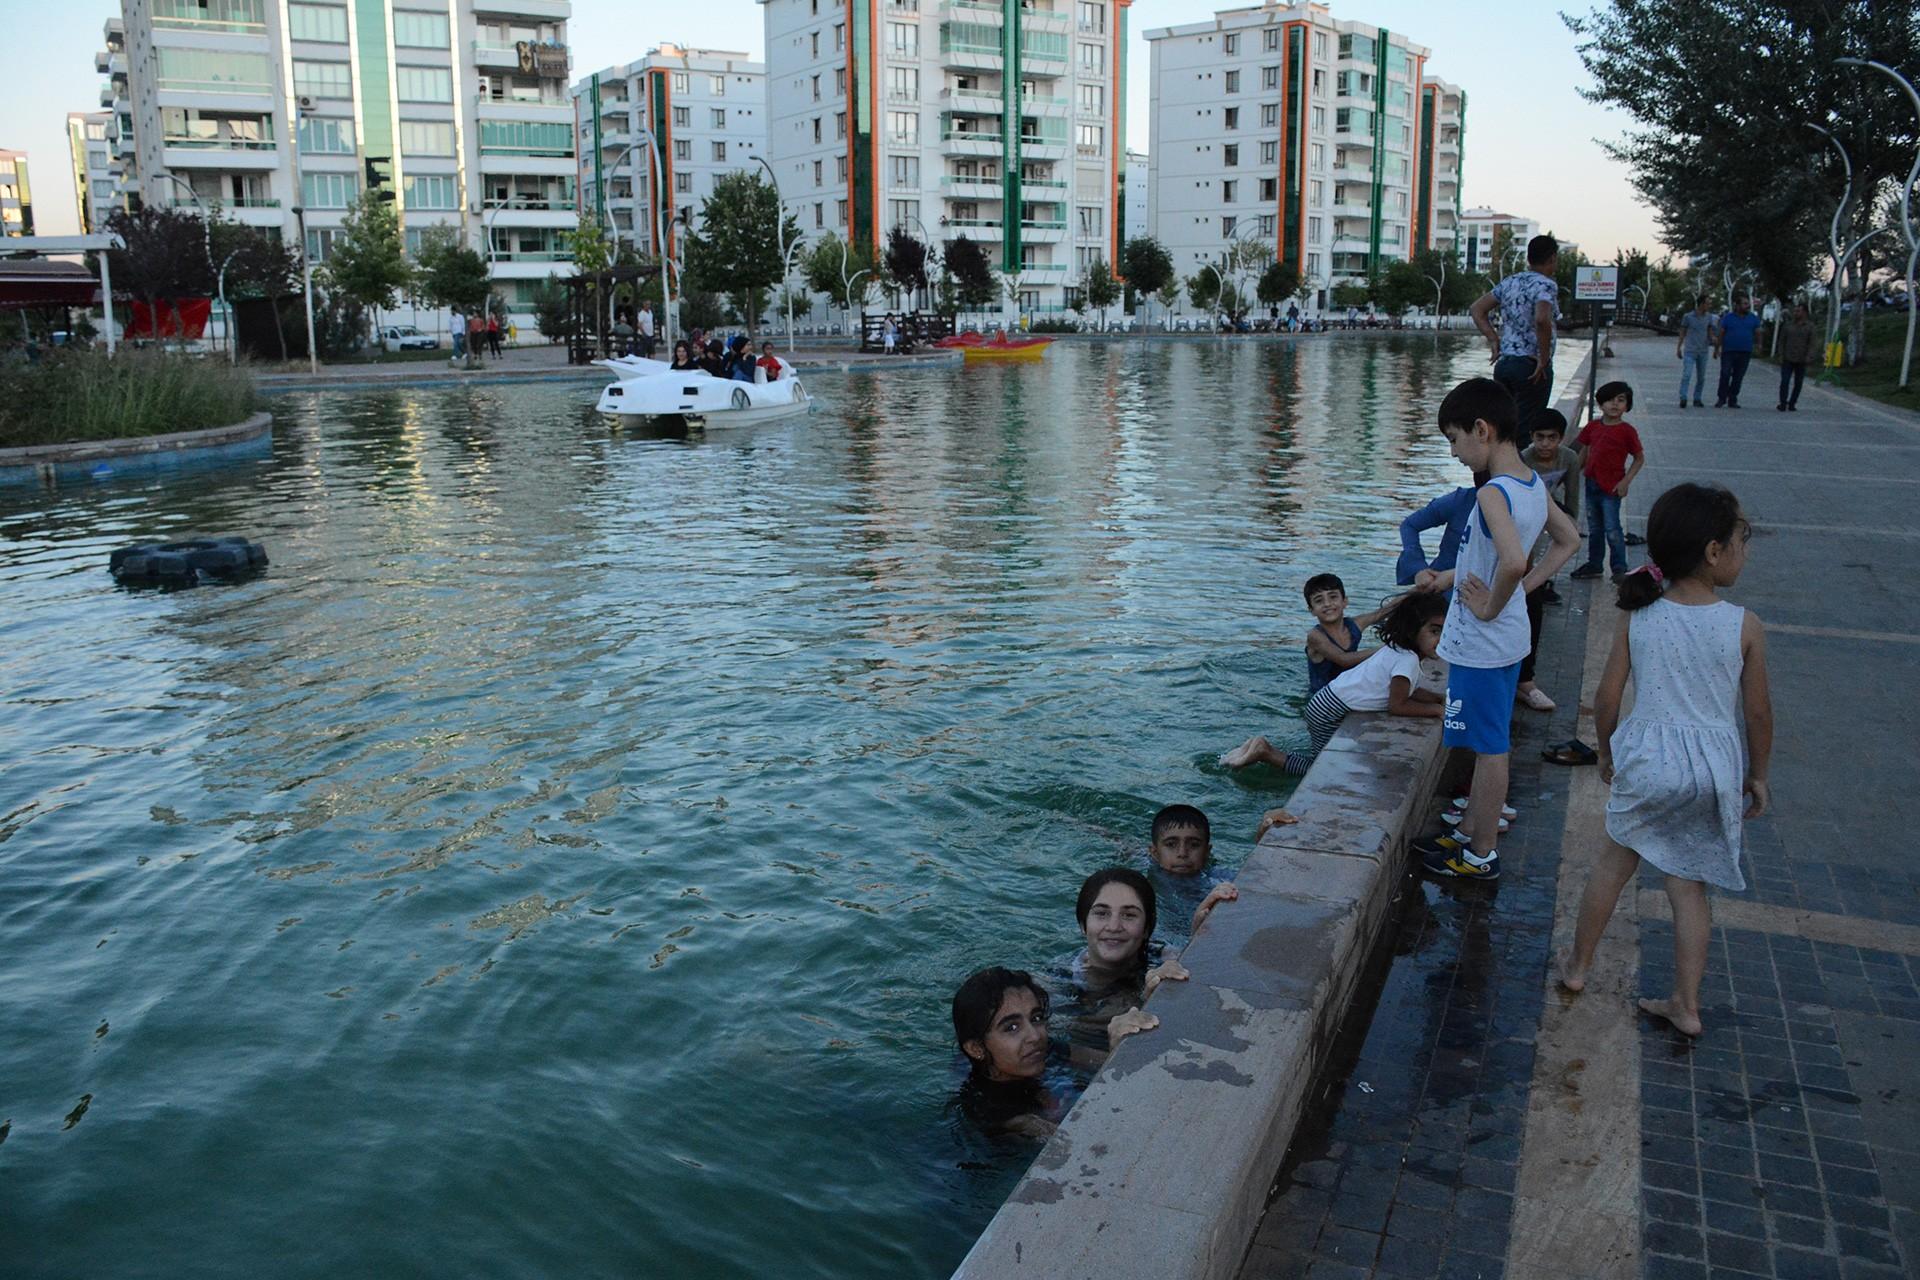 Diyarbakır sıcağında tatile gidemeyenler: Biz de isteriz şezlonga uzanmayı